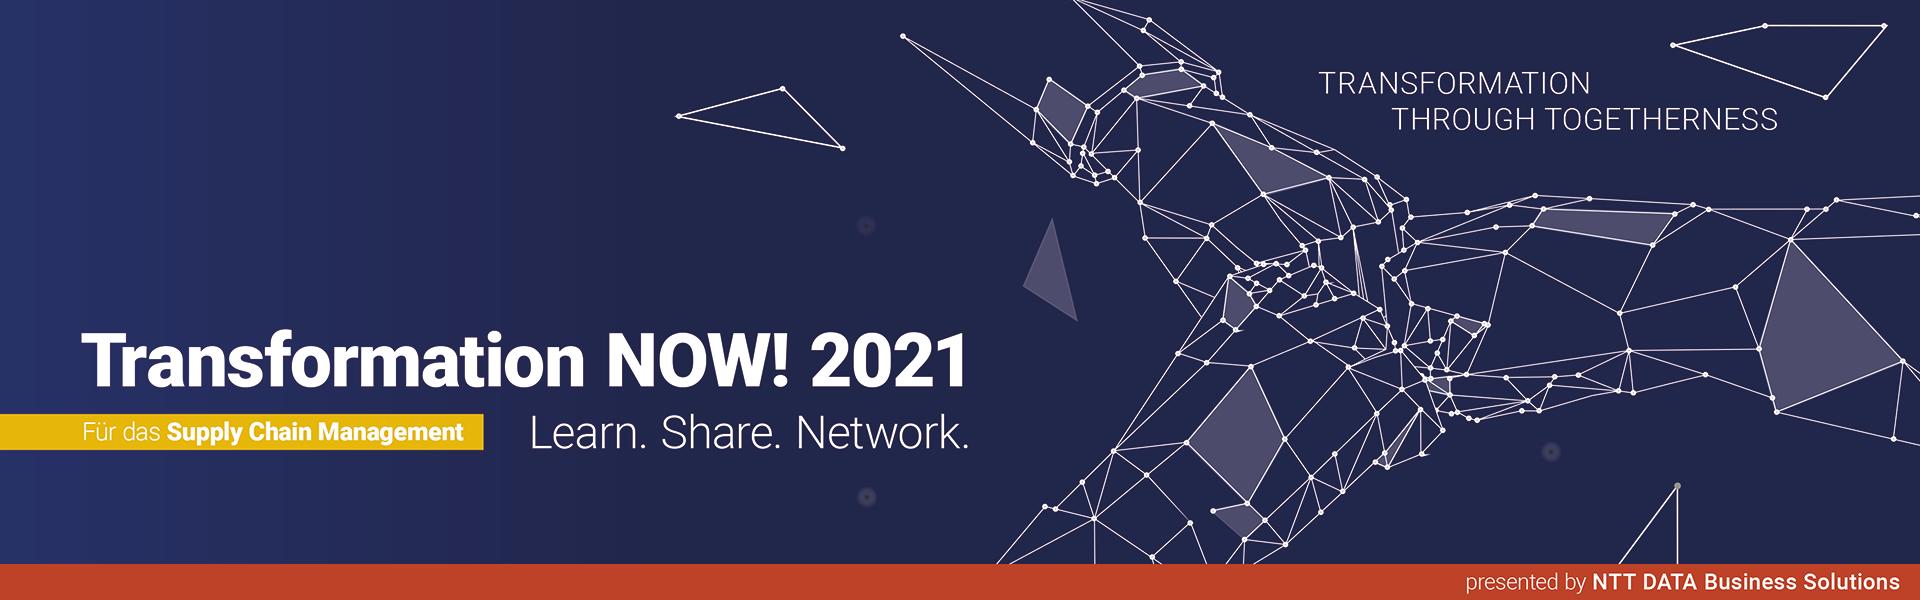 Transformation-NOW-2021-Header-Supply-Chain-Management